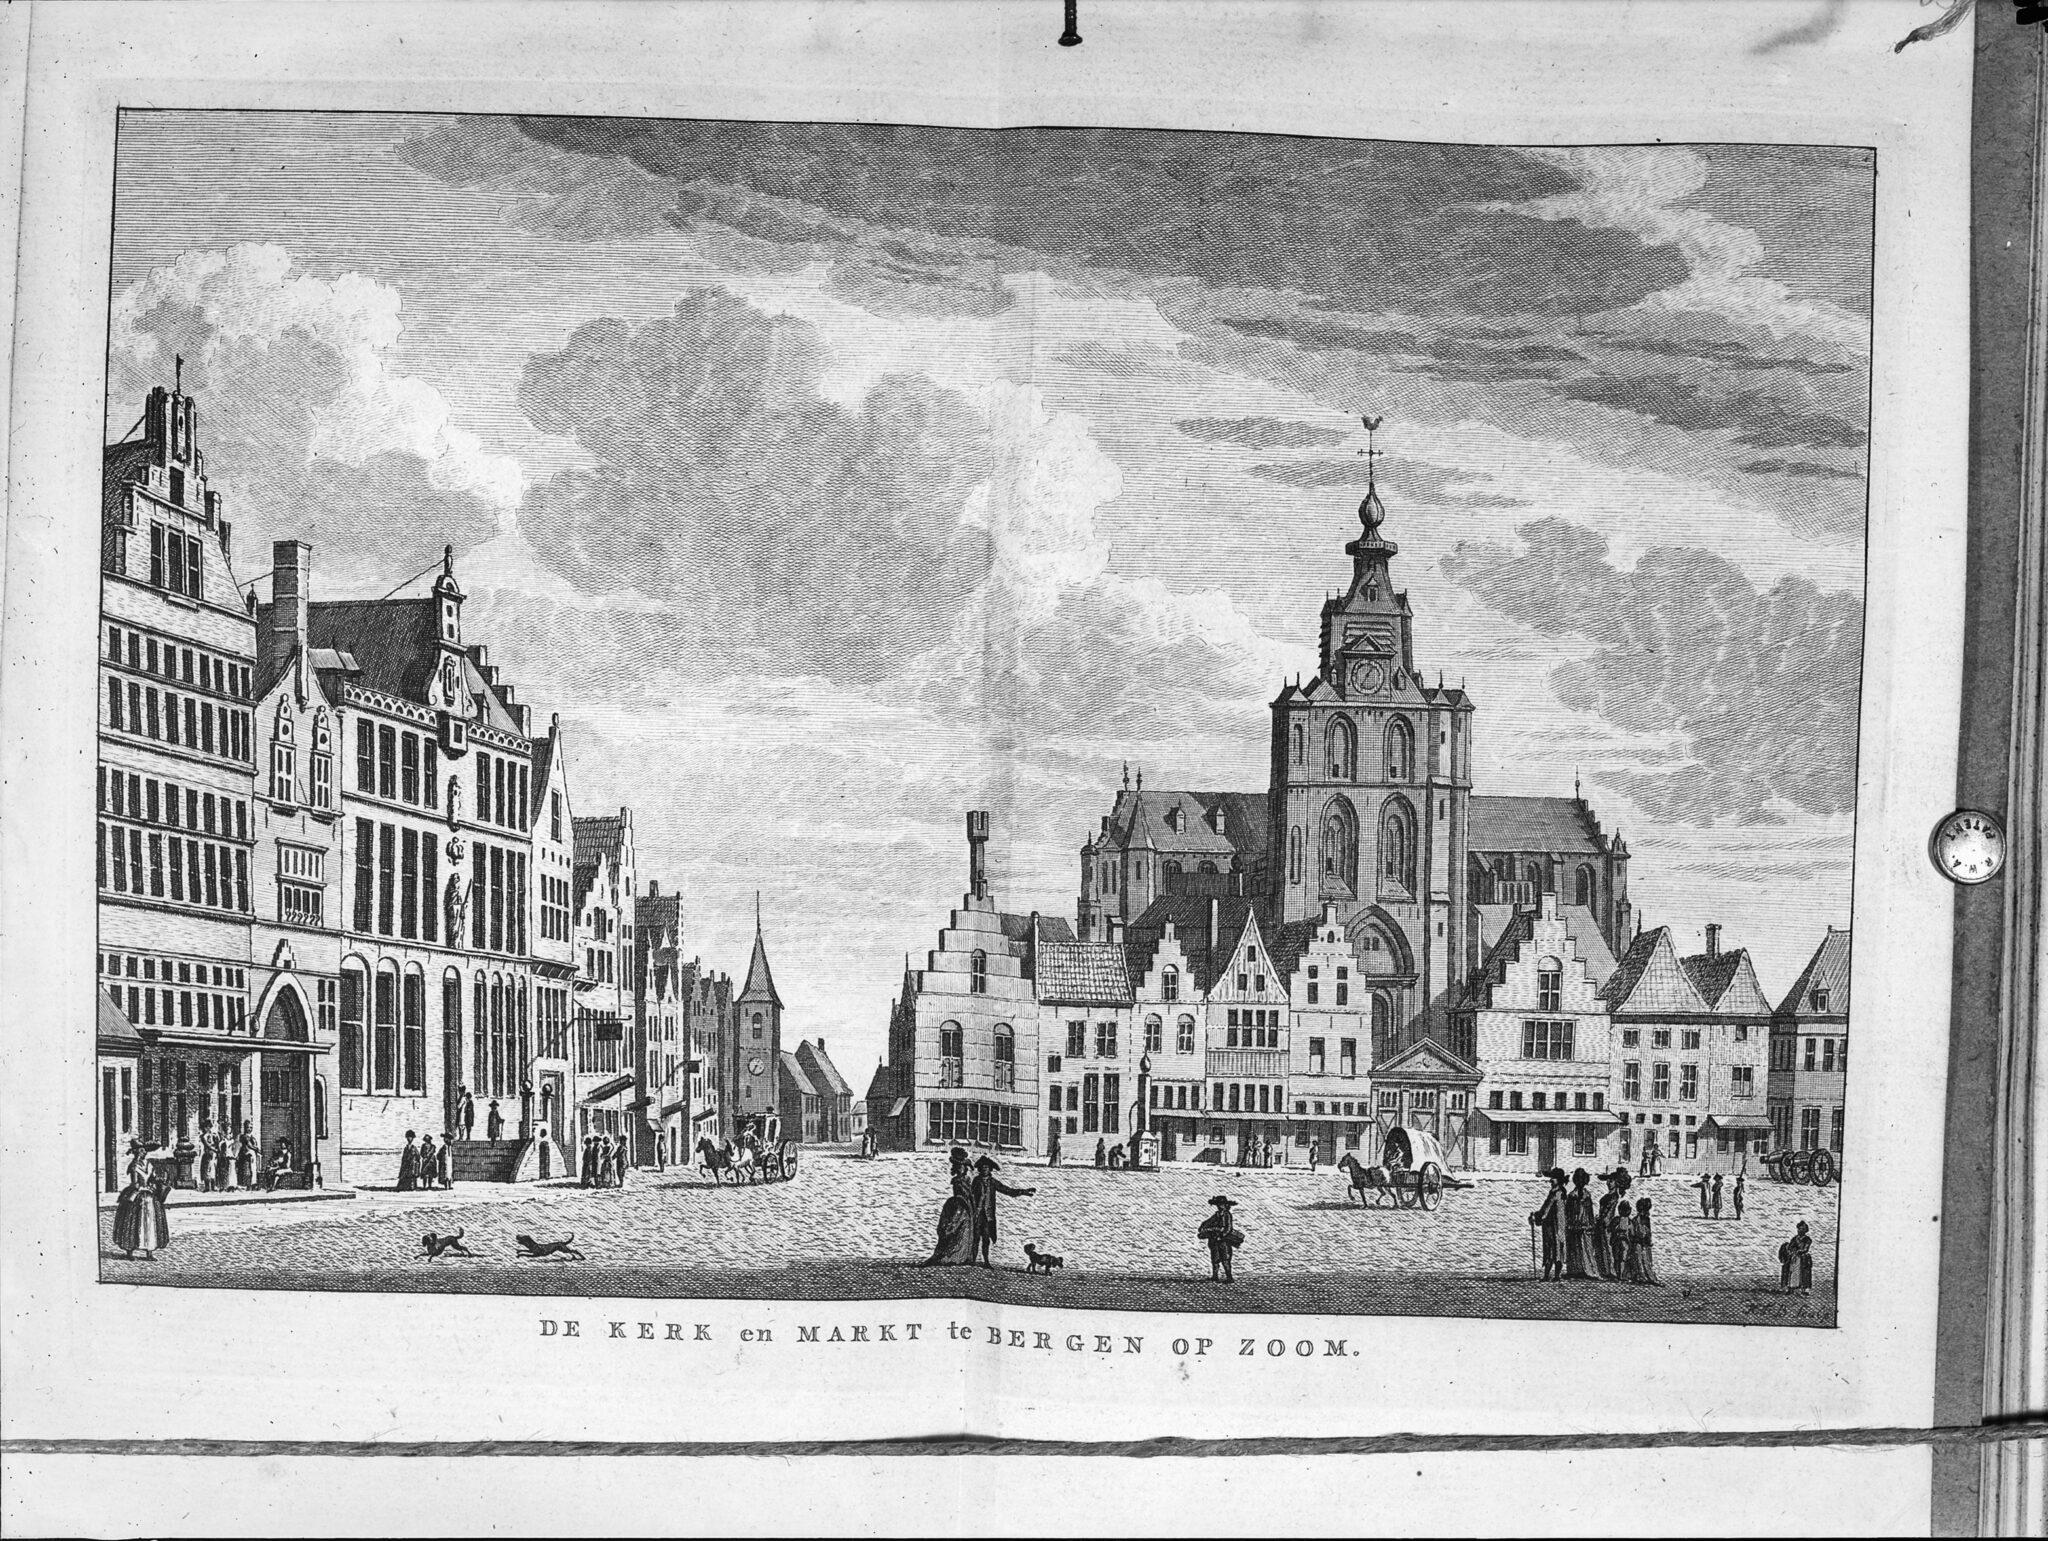 Overzicht van de Grote Markt, met de Hervormde kerk en het stadhuis. 'De Kerk en Markt te Bergen op Zoom' peperbus sint gertrudiskerk